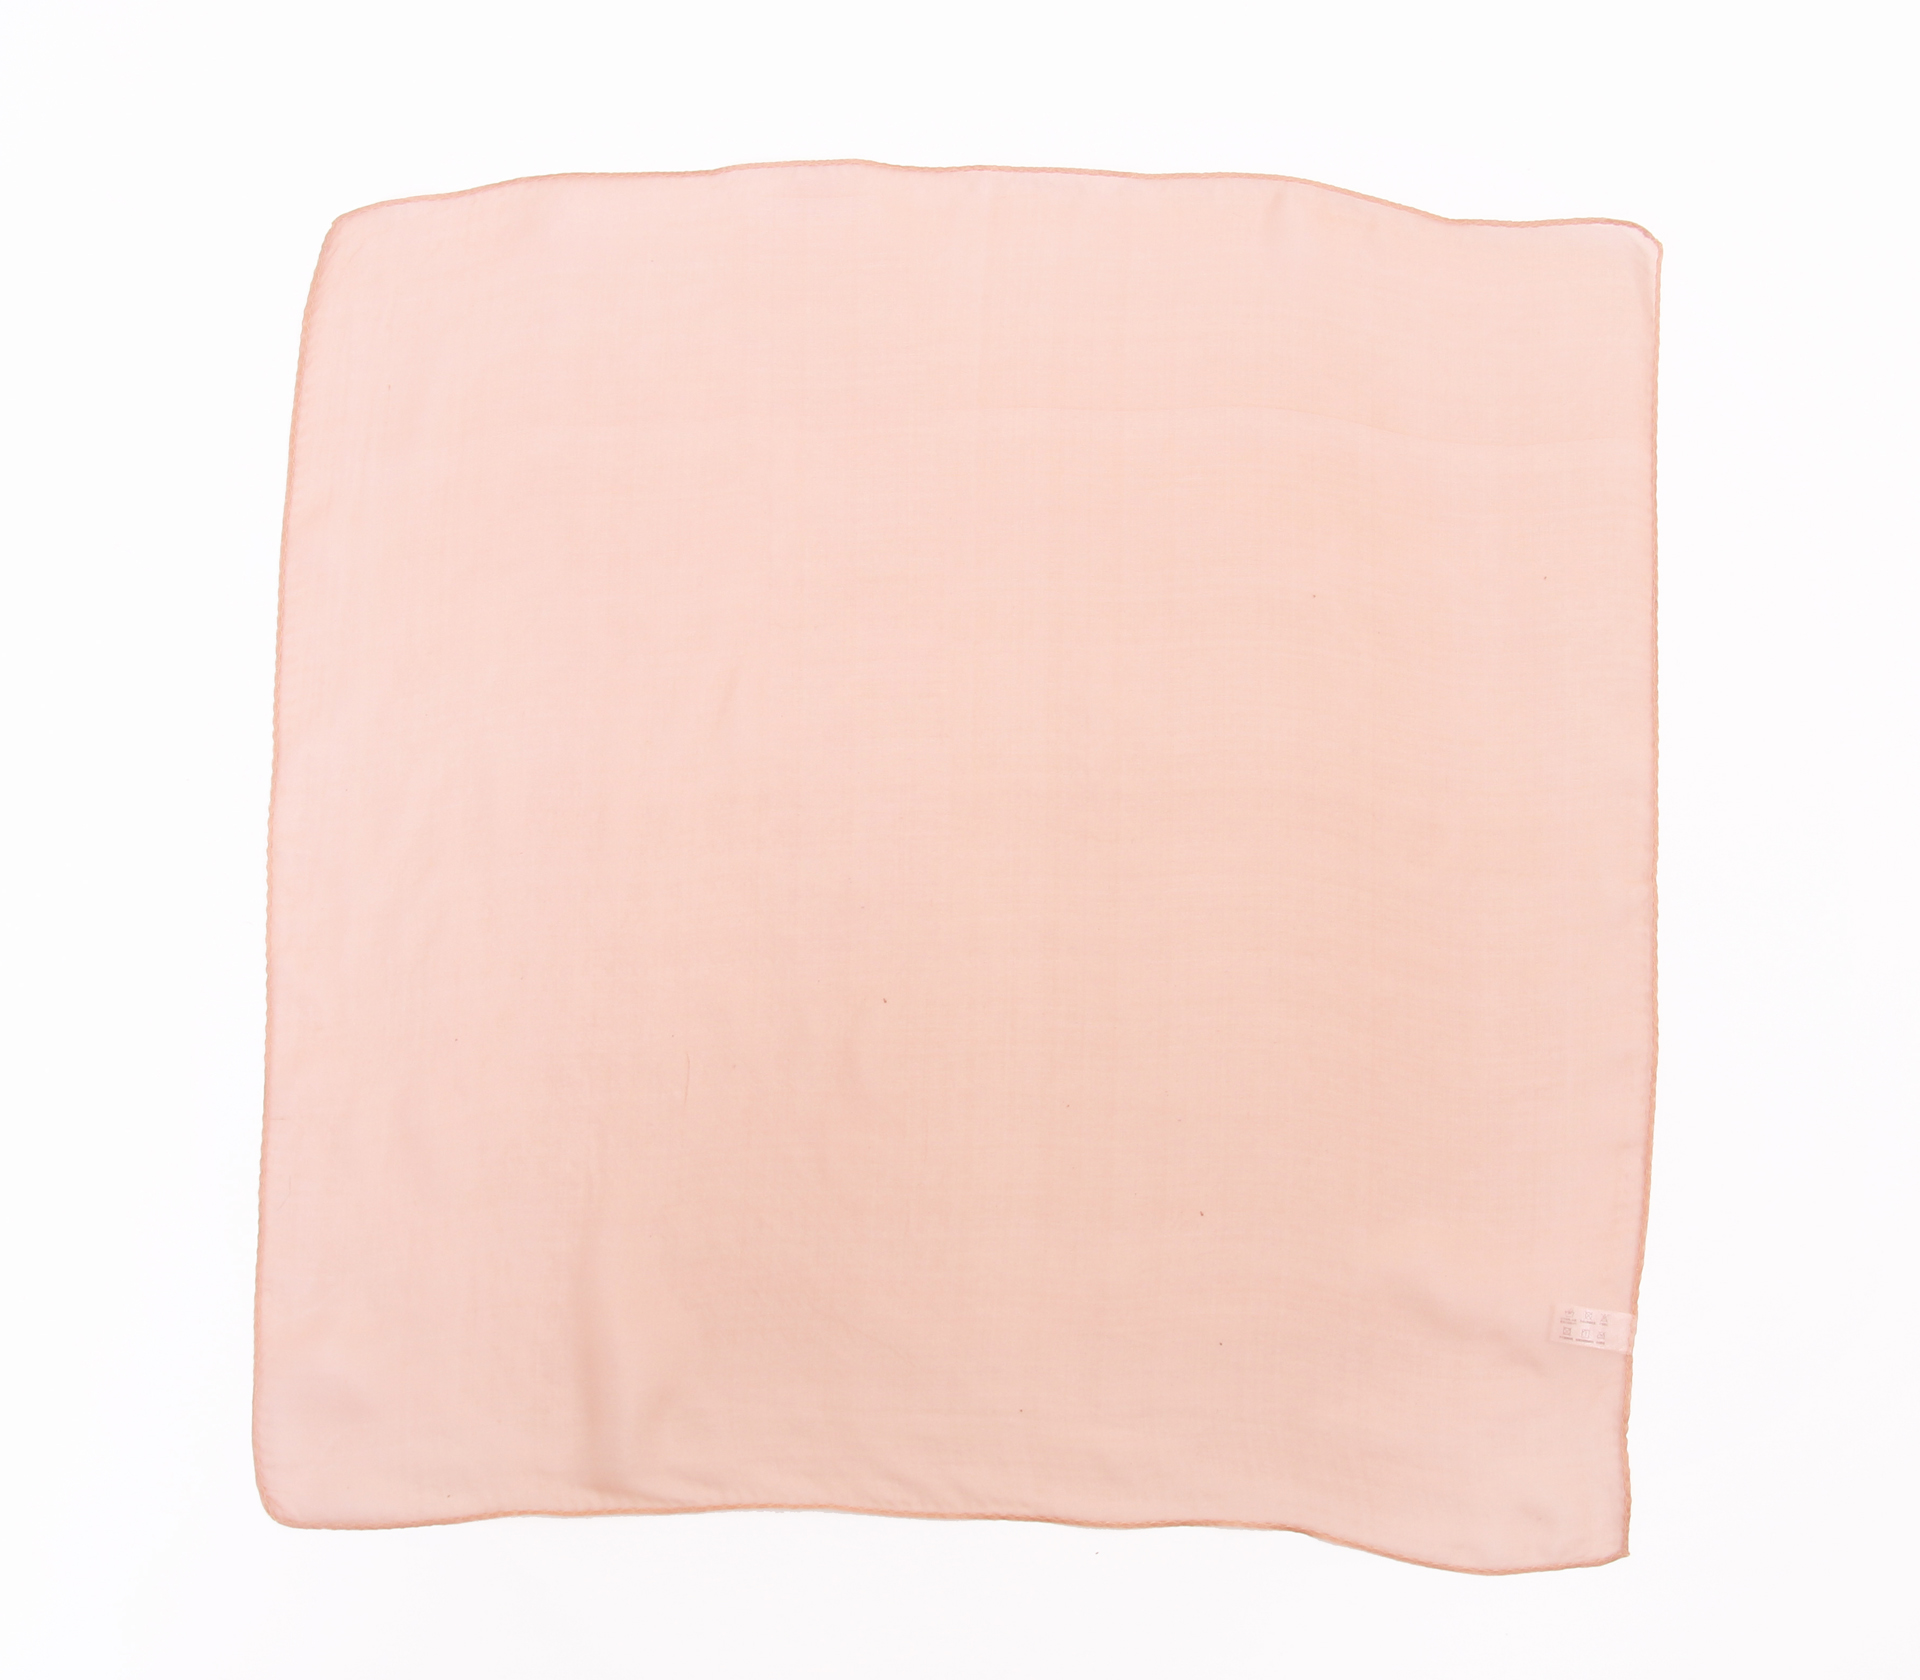 素面雪紡100%蠶絲絲巾50*50CM  - 1101 - 粉